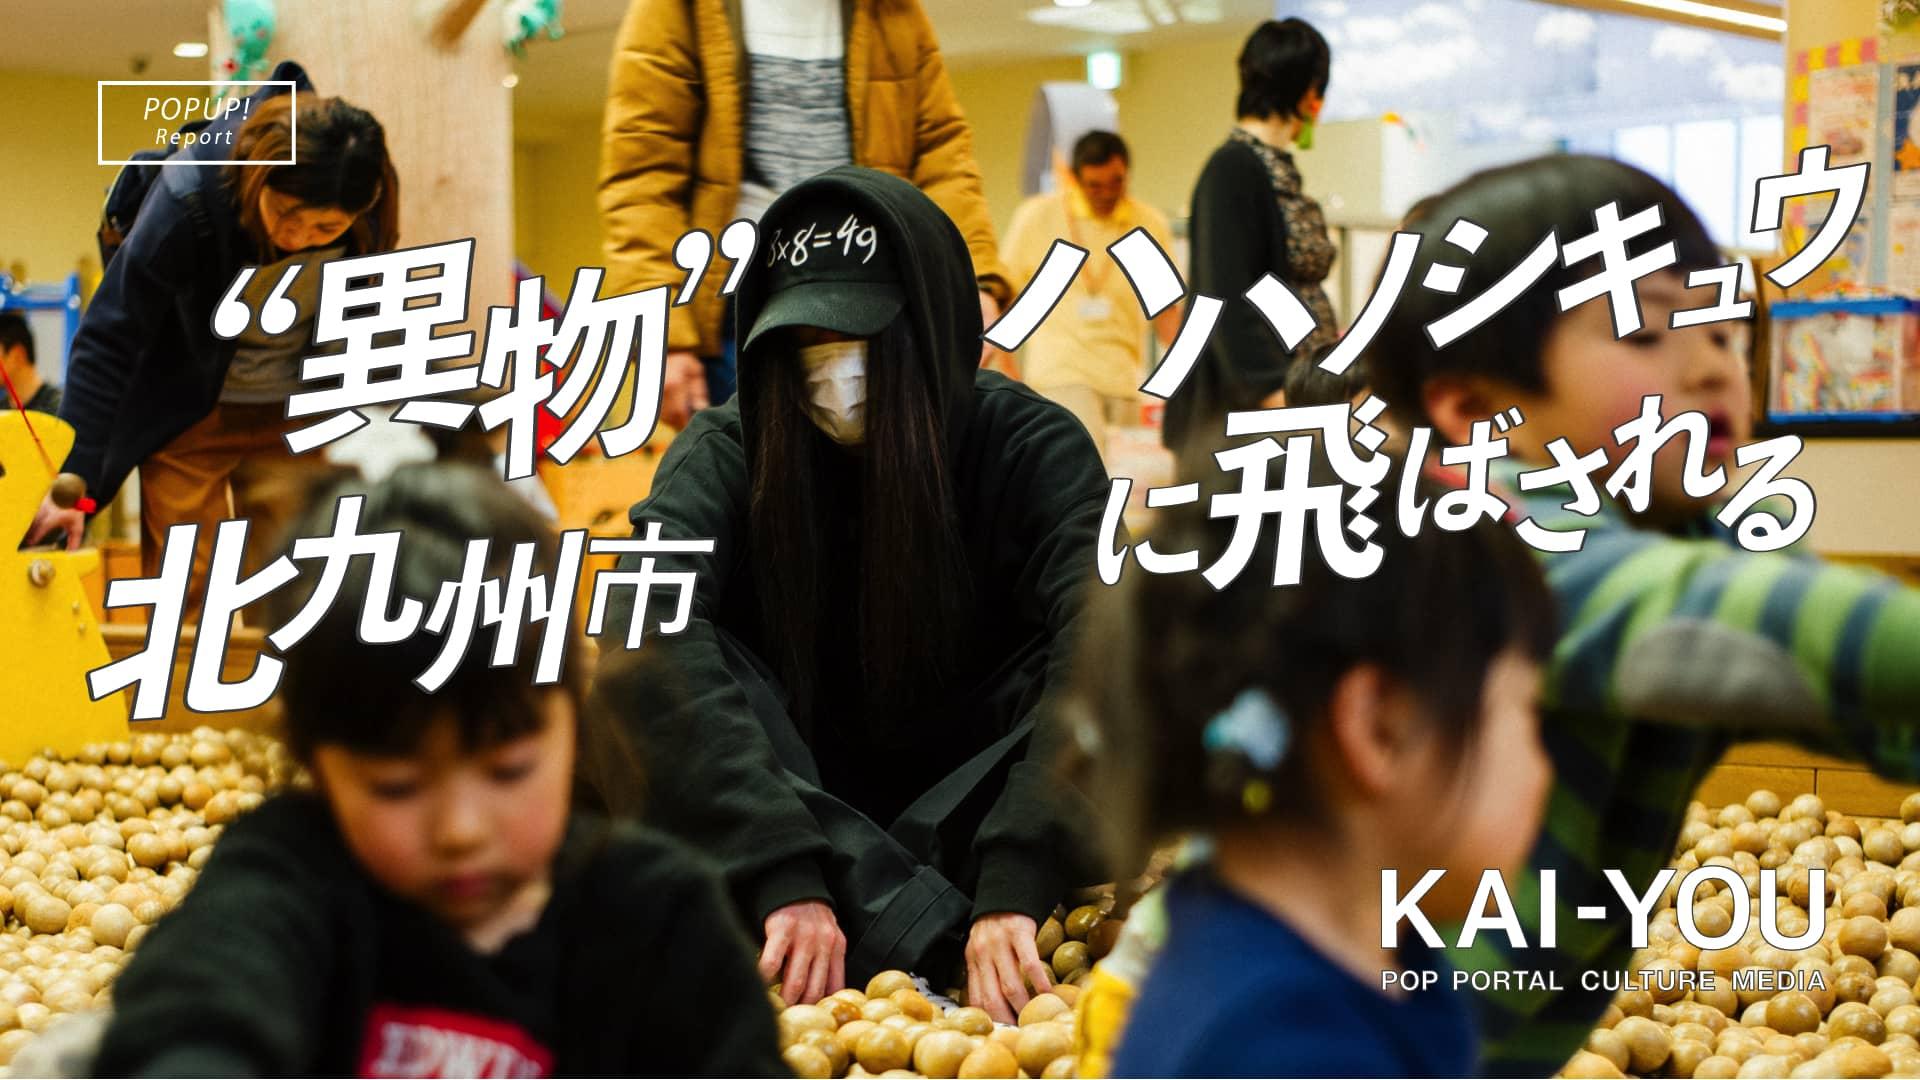 """""""日本一家にいたいラッパー"""" ハハノシキュウ、北九州市に飛ばされて考える"""